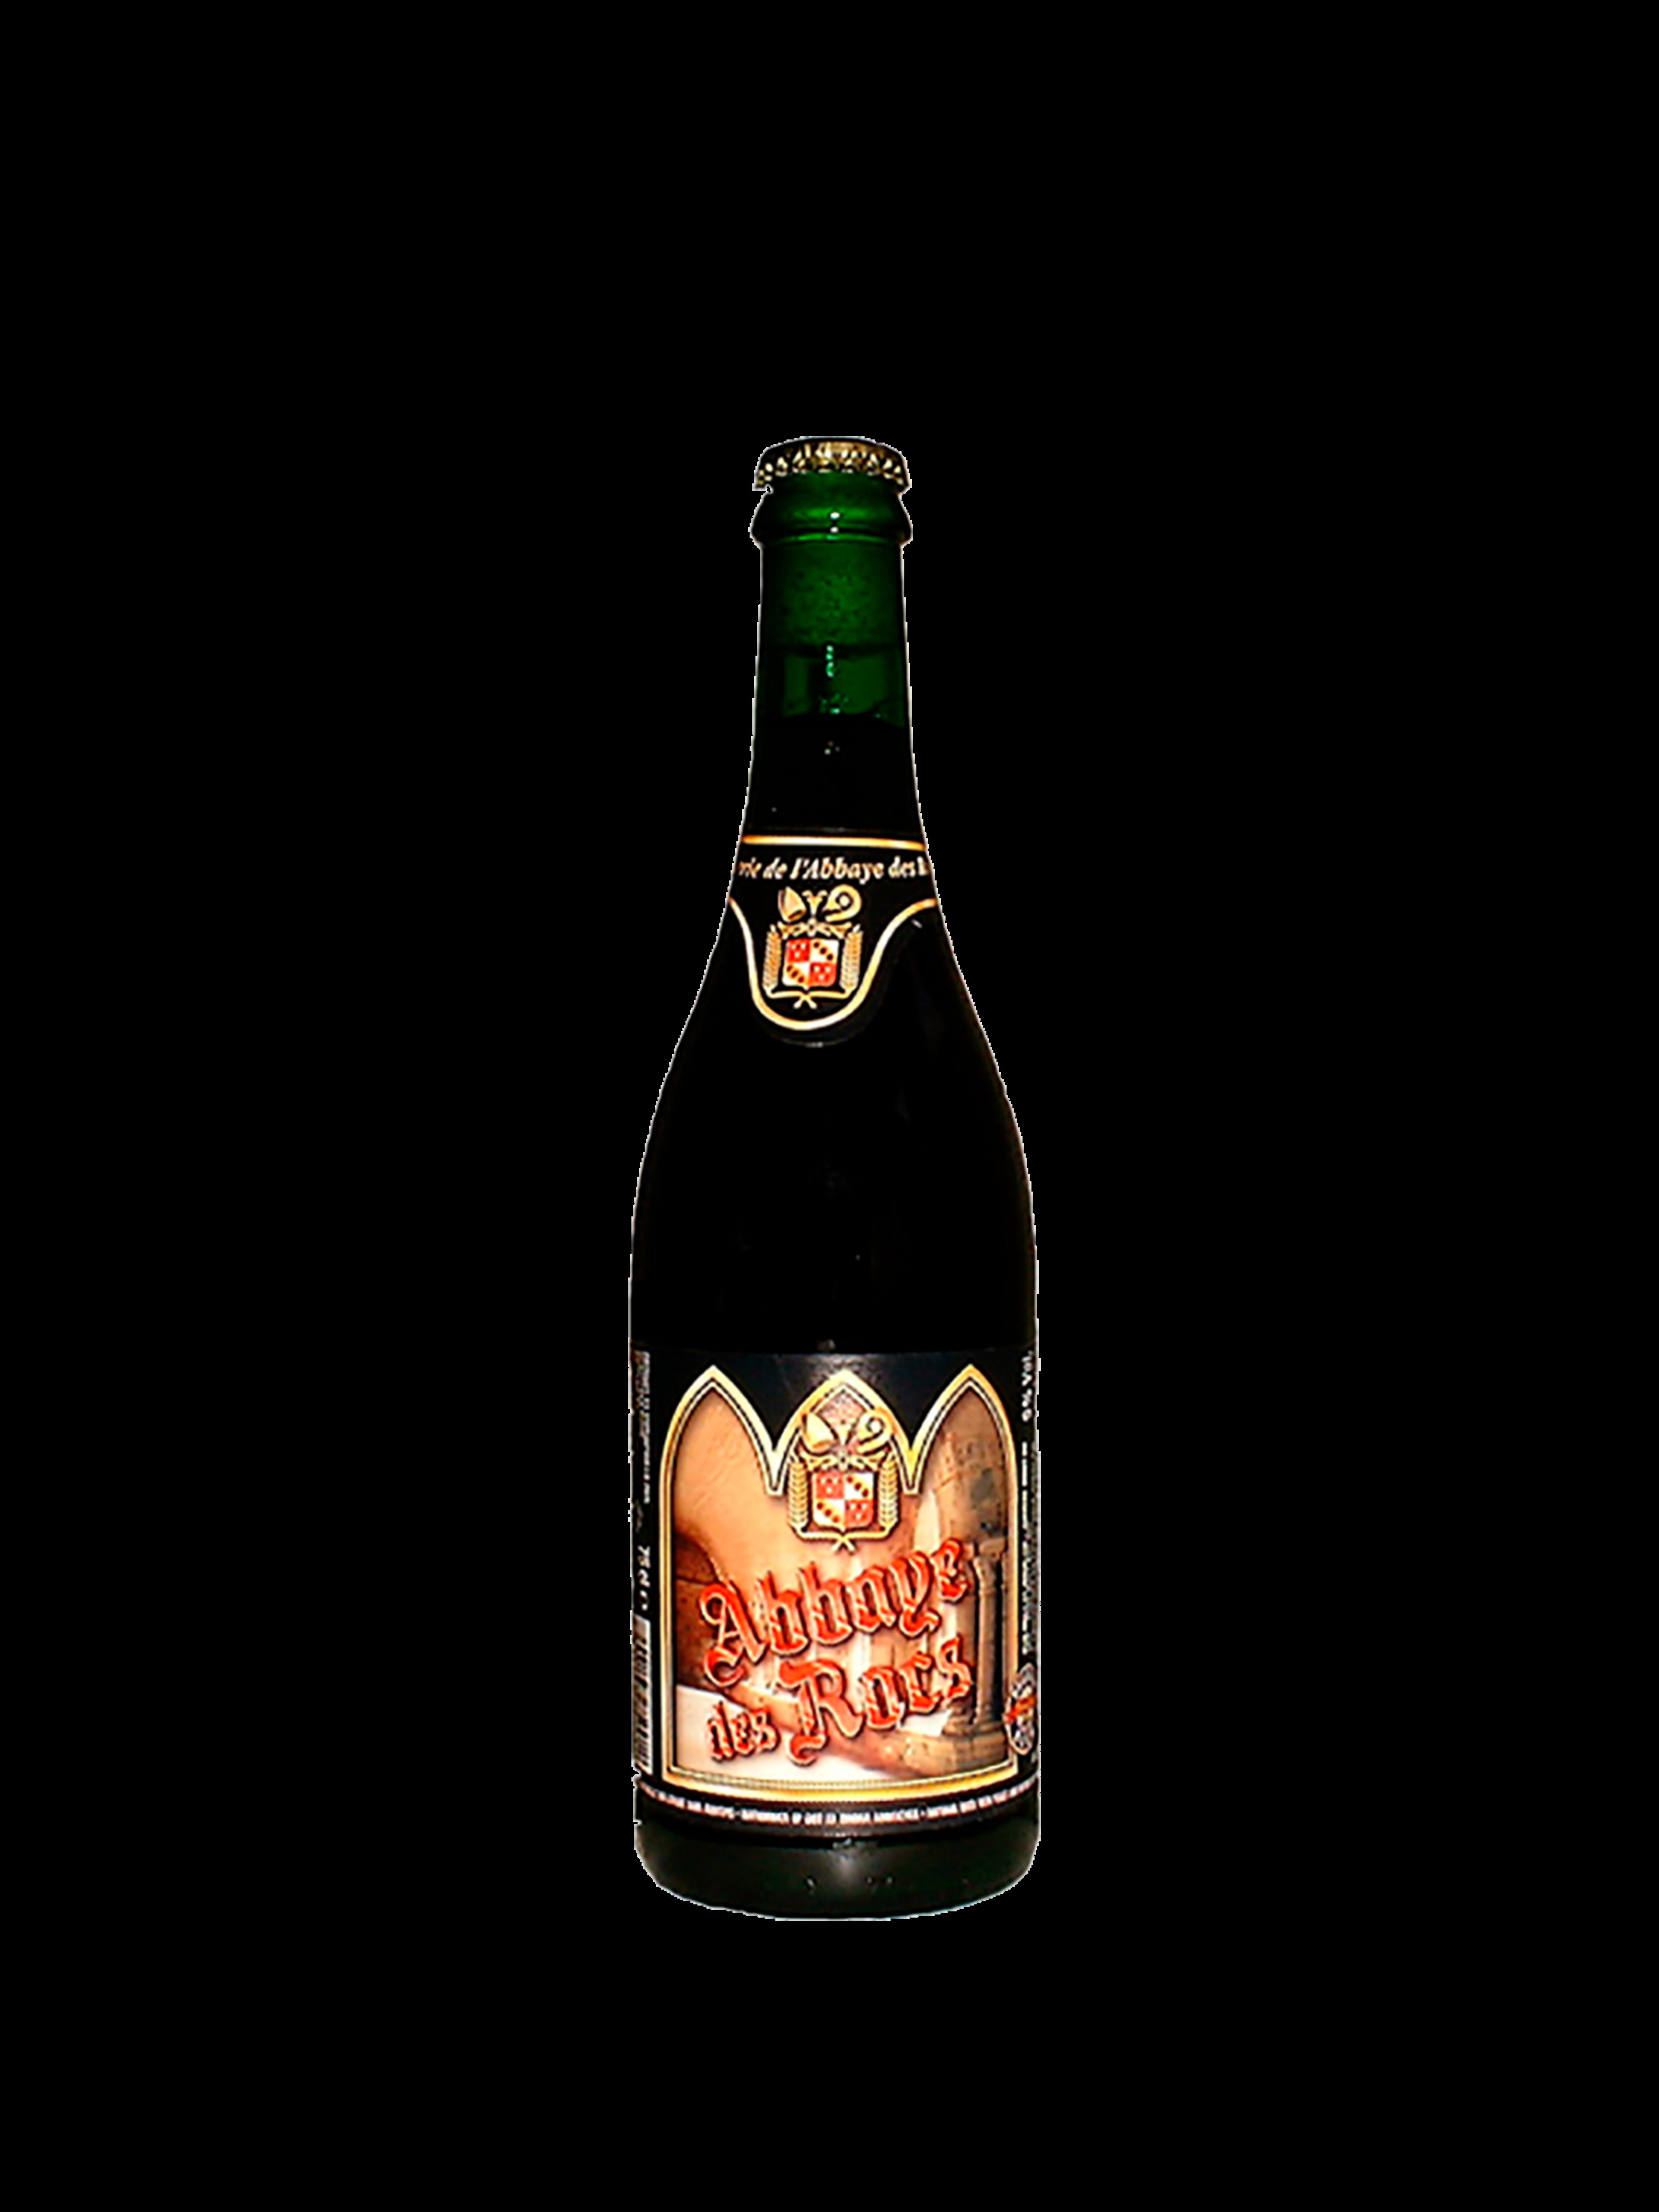 Bottiglia di birra con etichetta color arancione con nome birra in rosso